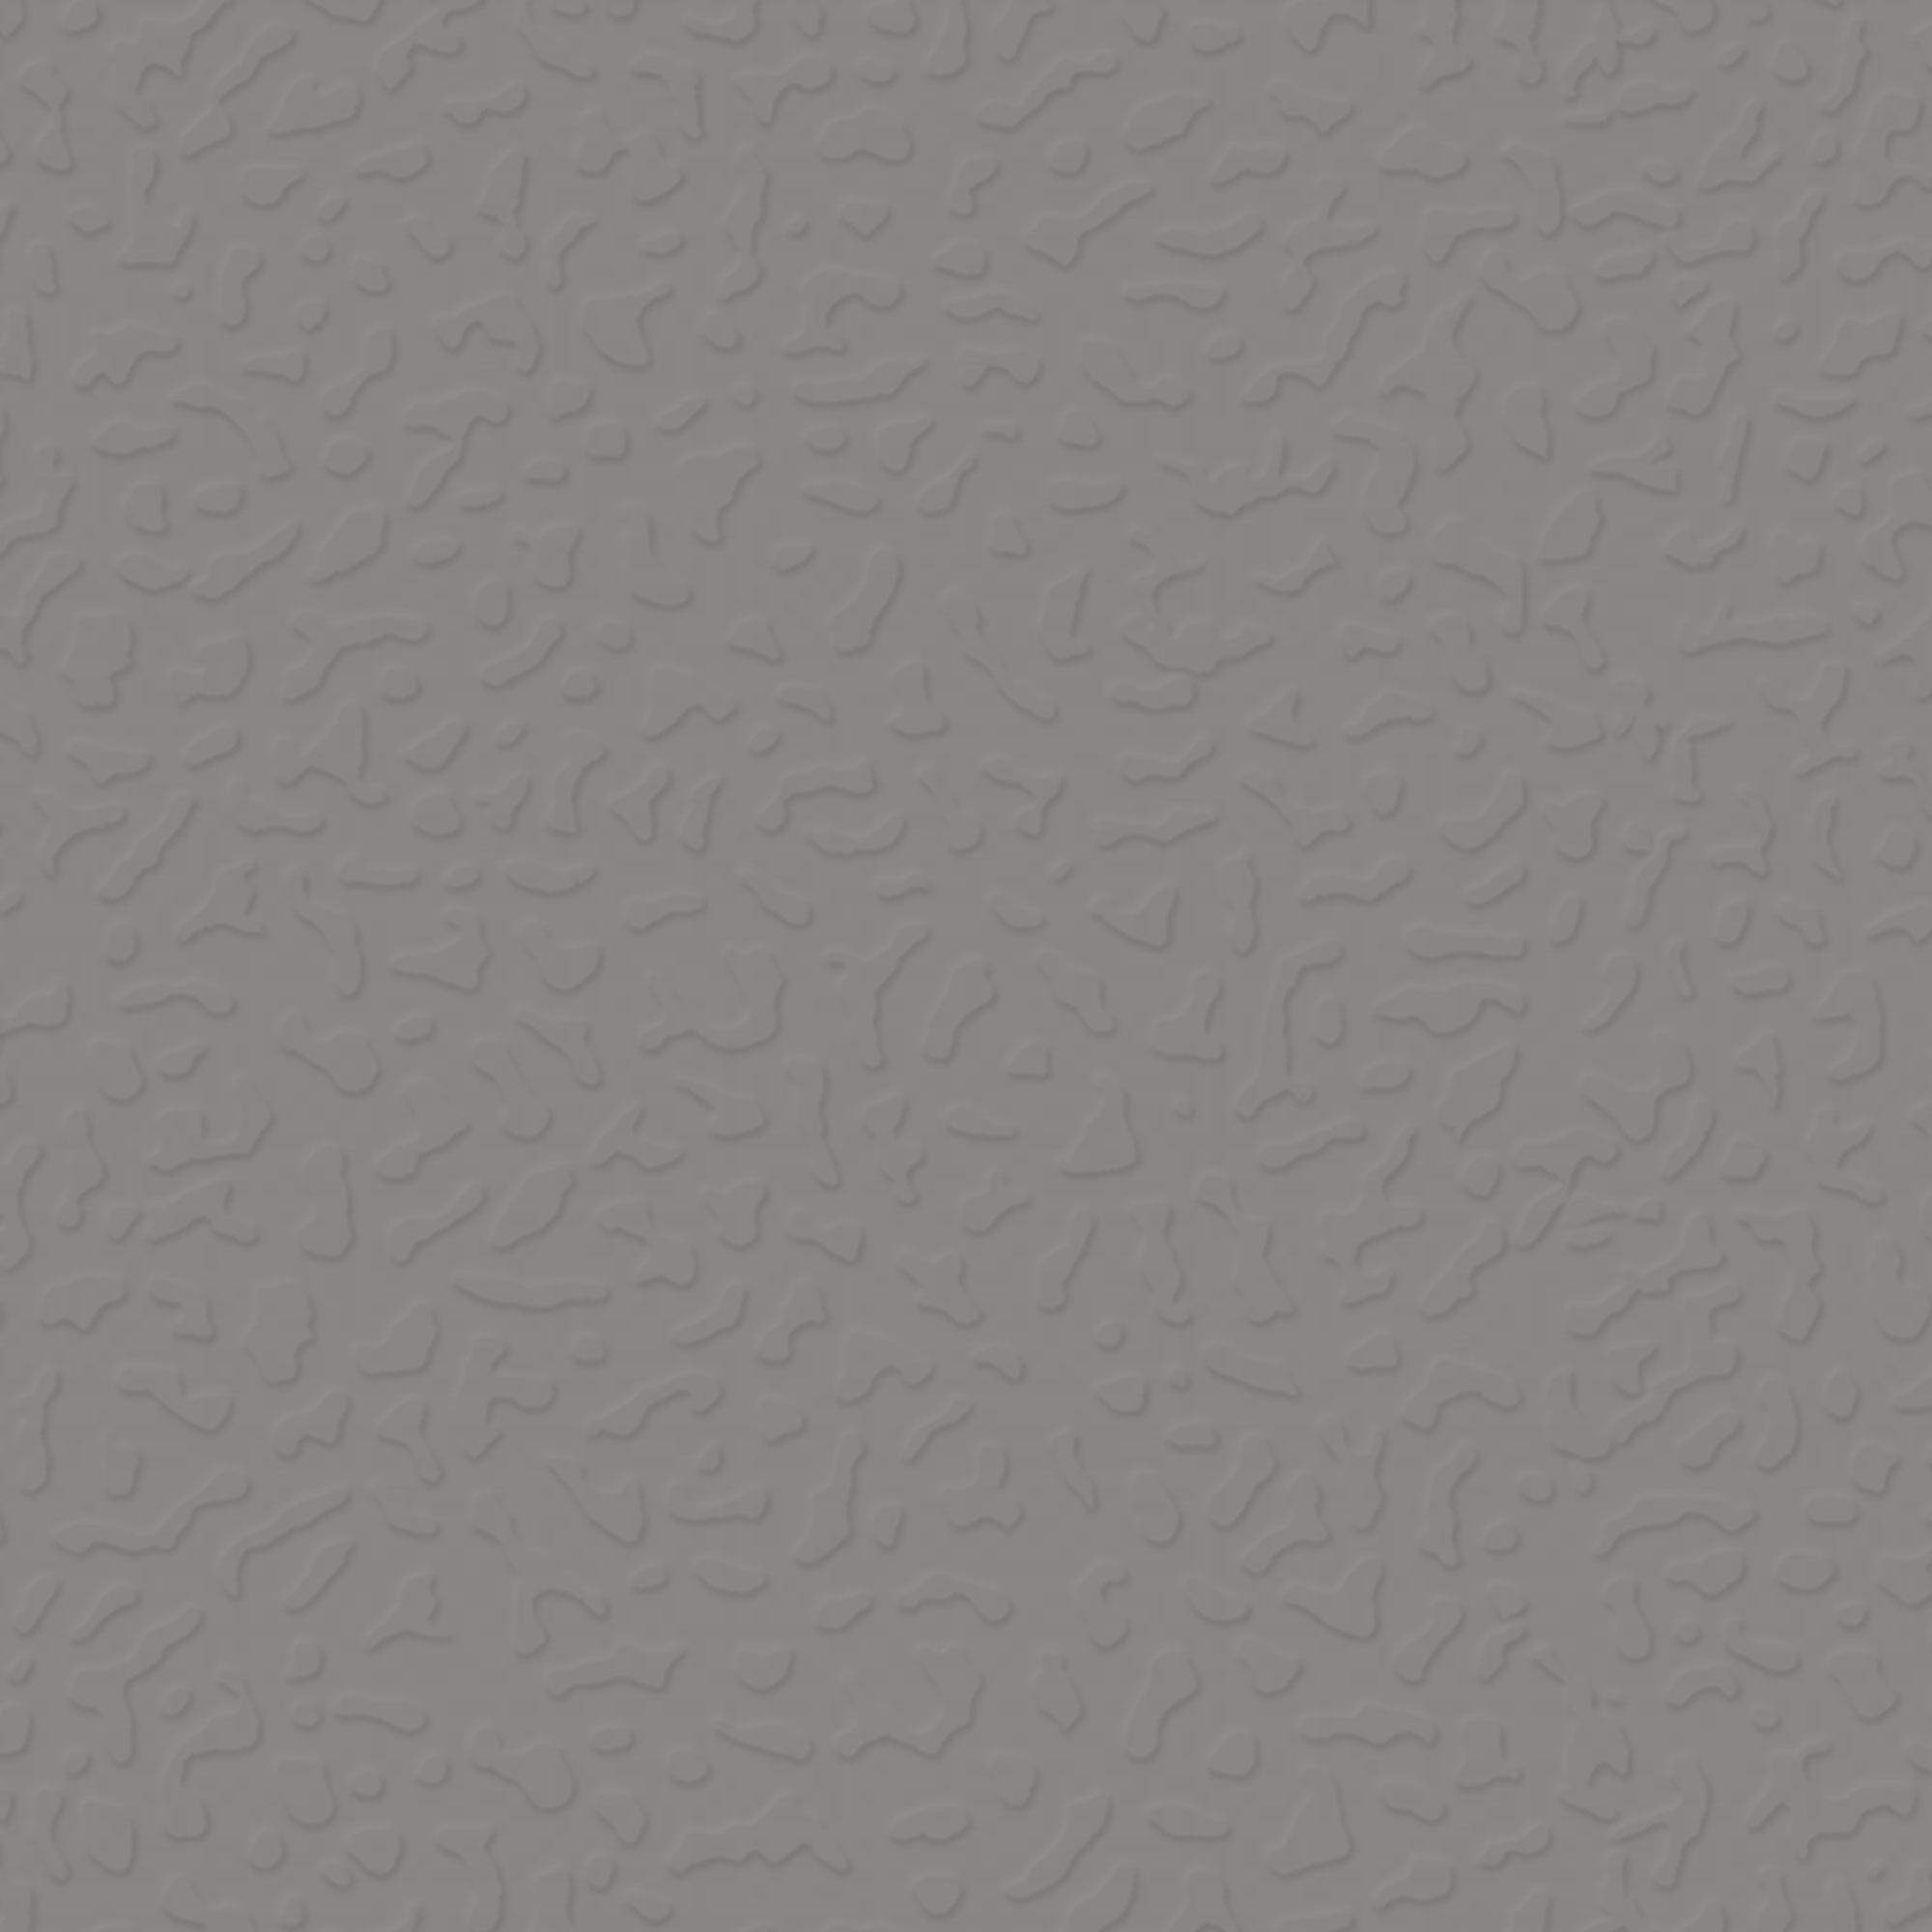 Roppe Rubber Tile 900 - Textured Design (993) Slate Rubber Flooring